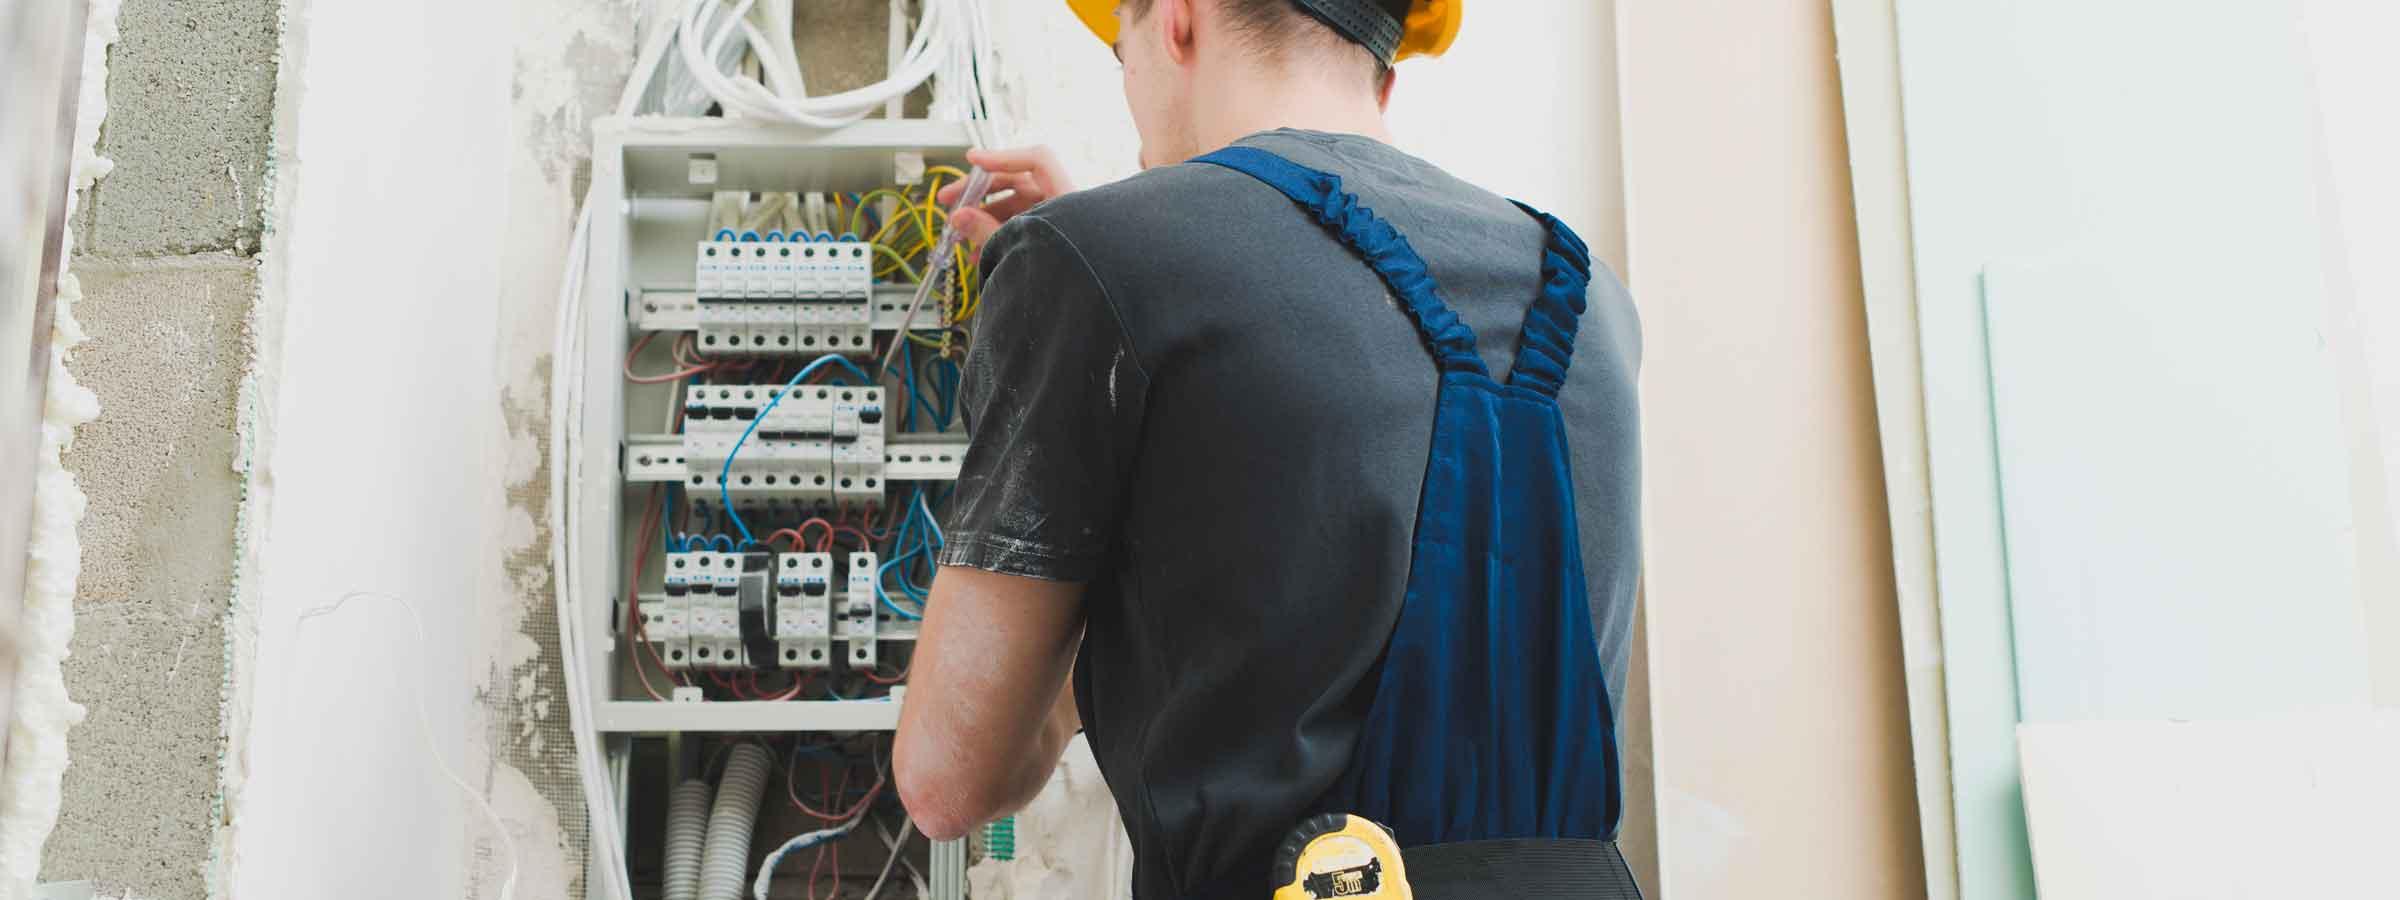 Operaio specializzato al lavoro su un quadro elettrico per ristrutturare l'impianto.